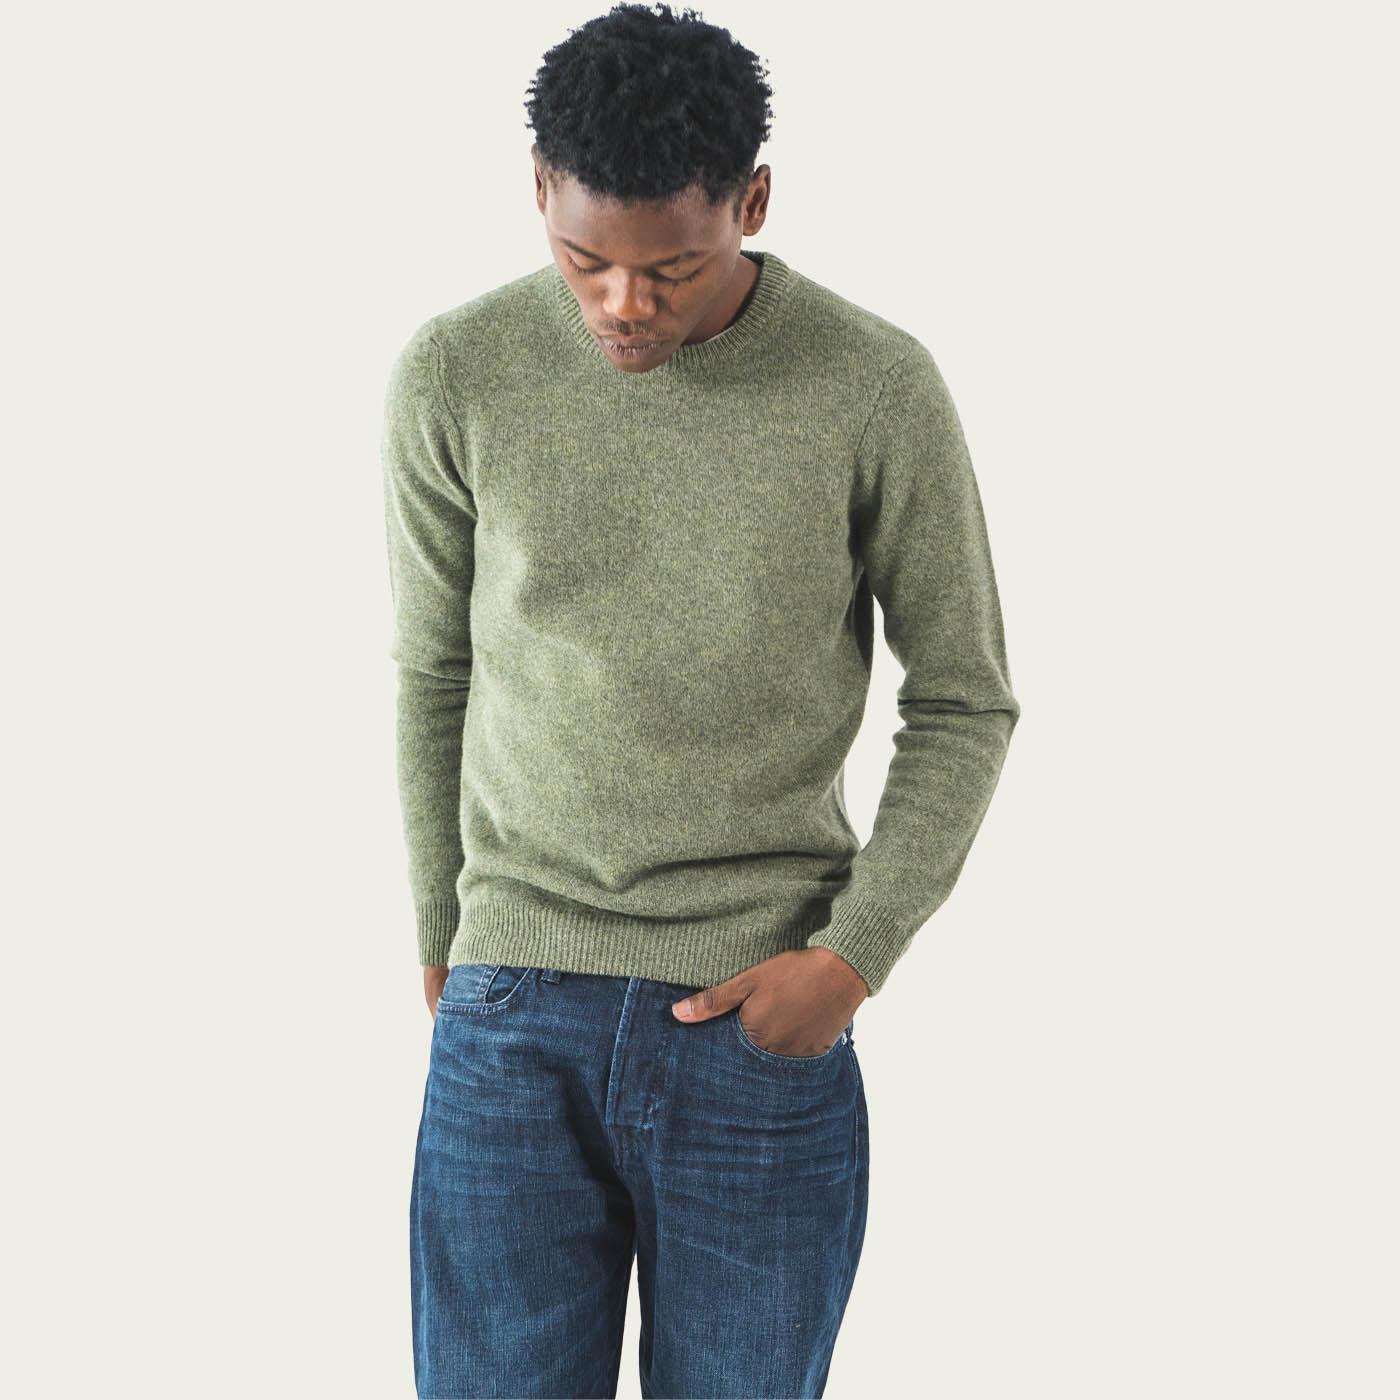 Khaki Murillo Knitwear  2